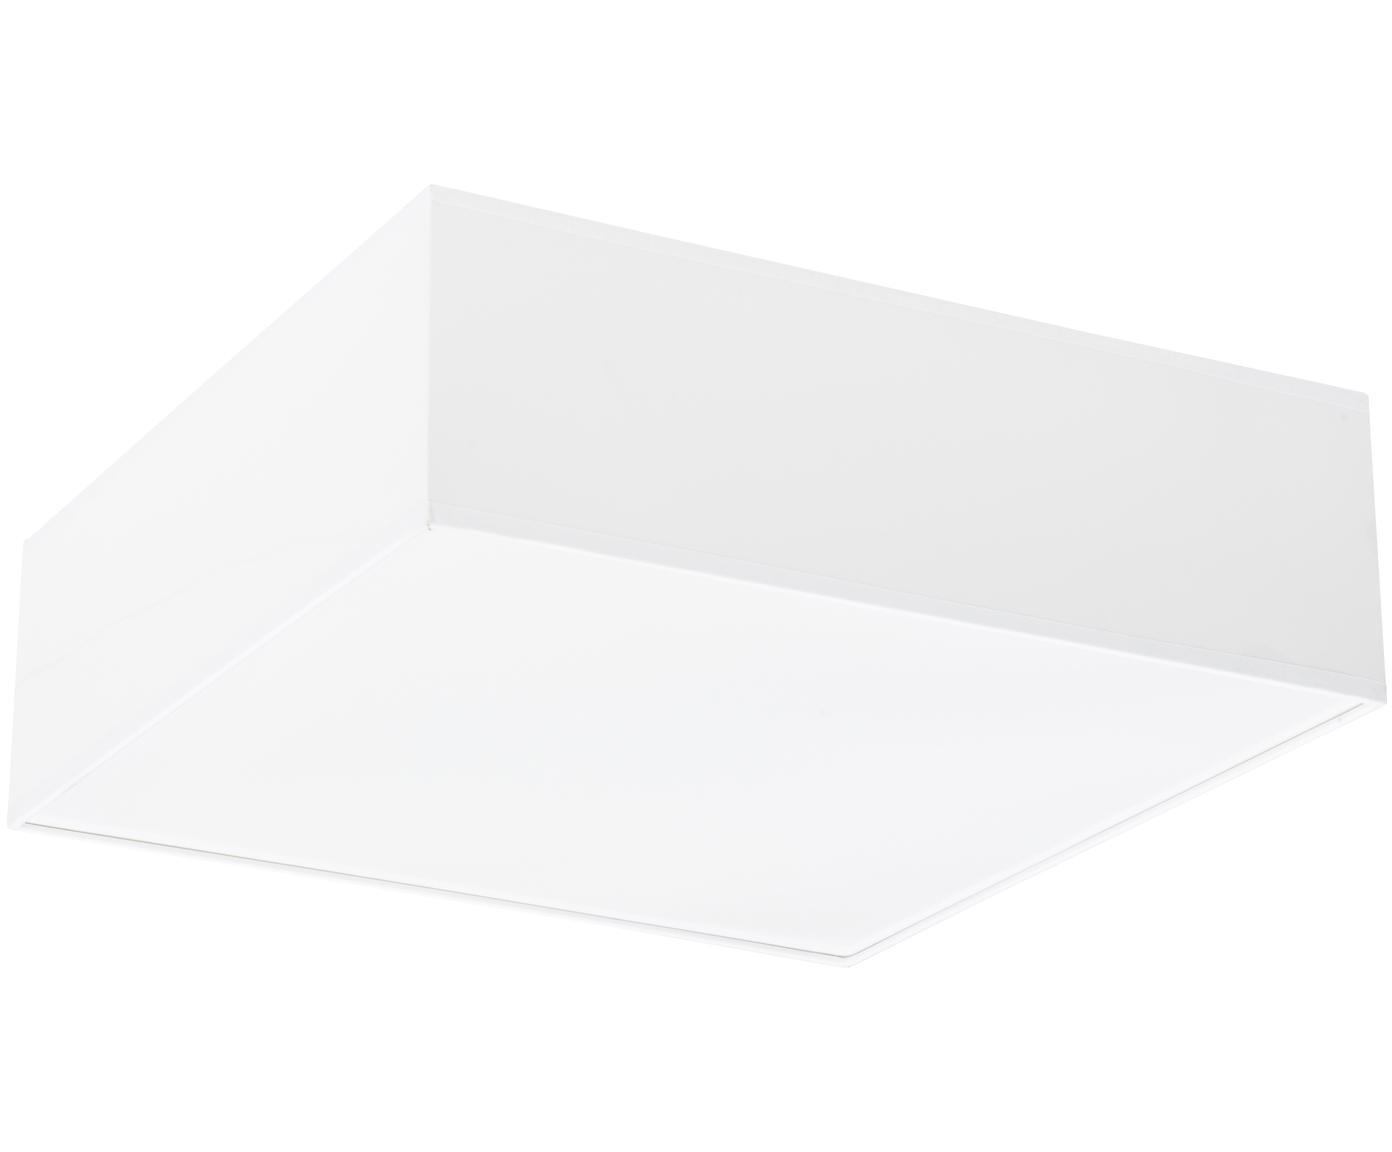 Plafondlamp Mitra uit kunststof, Kunststof (PVC), Frame: wit. Diffuser: wit, 35 x 12 cm